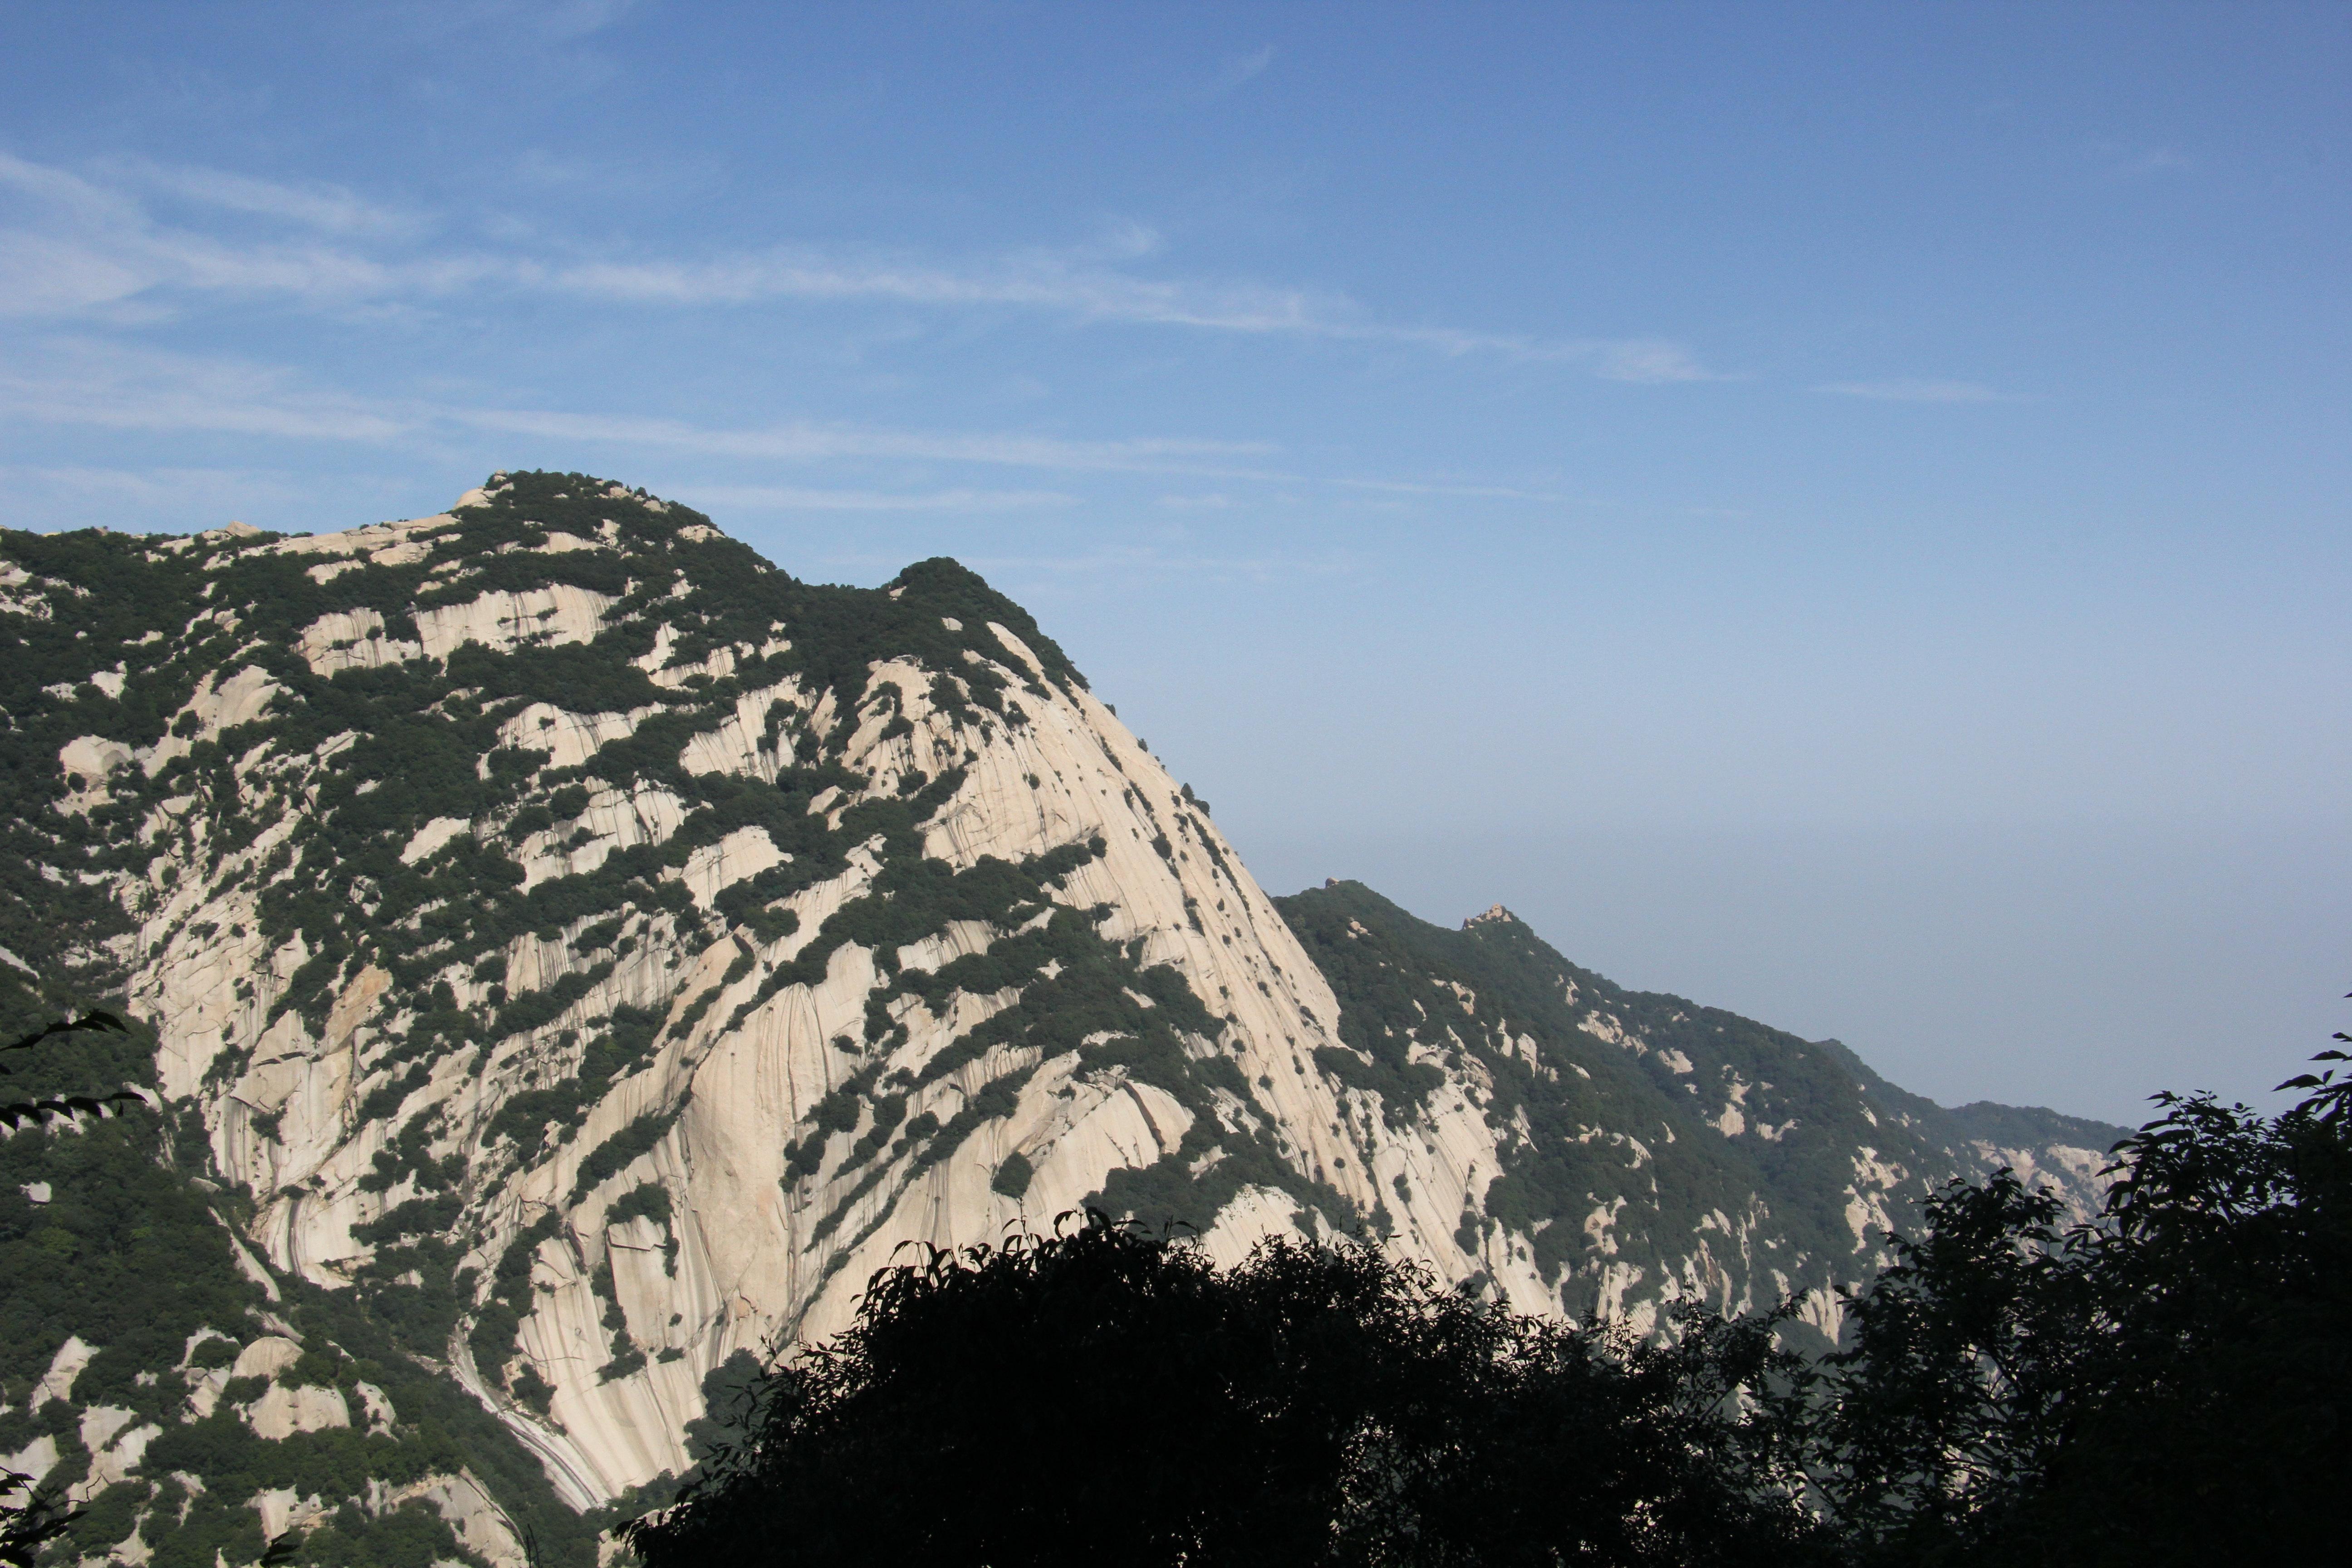 我的五岳之行----徒步华山游图片